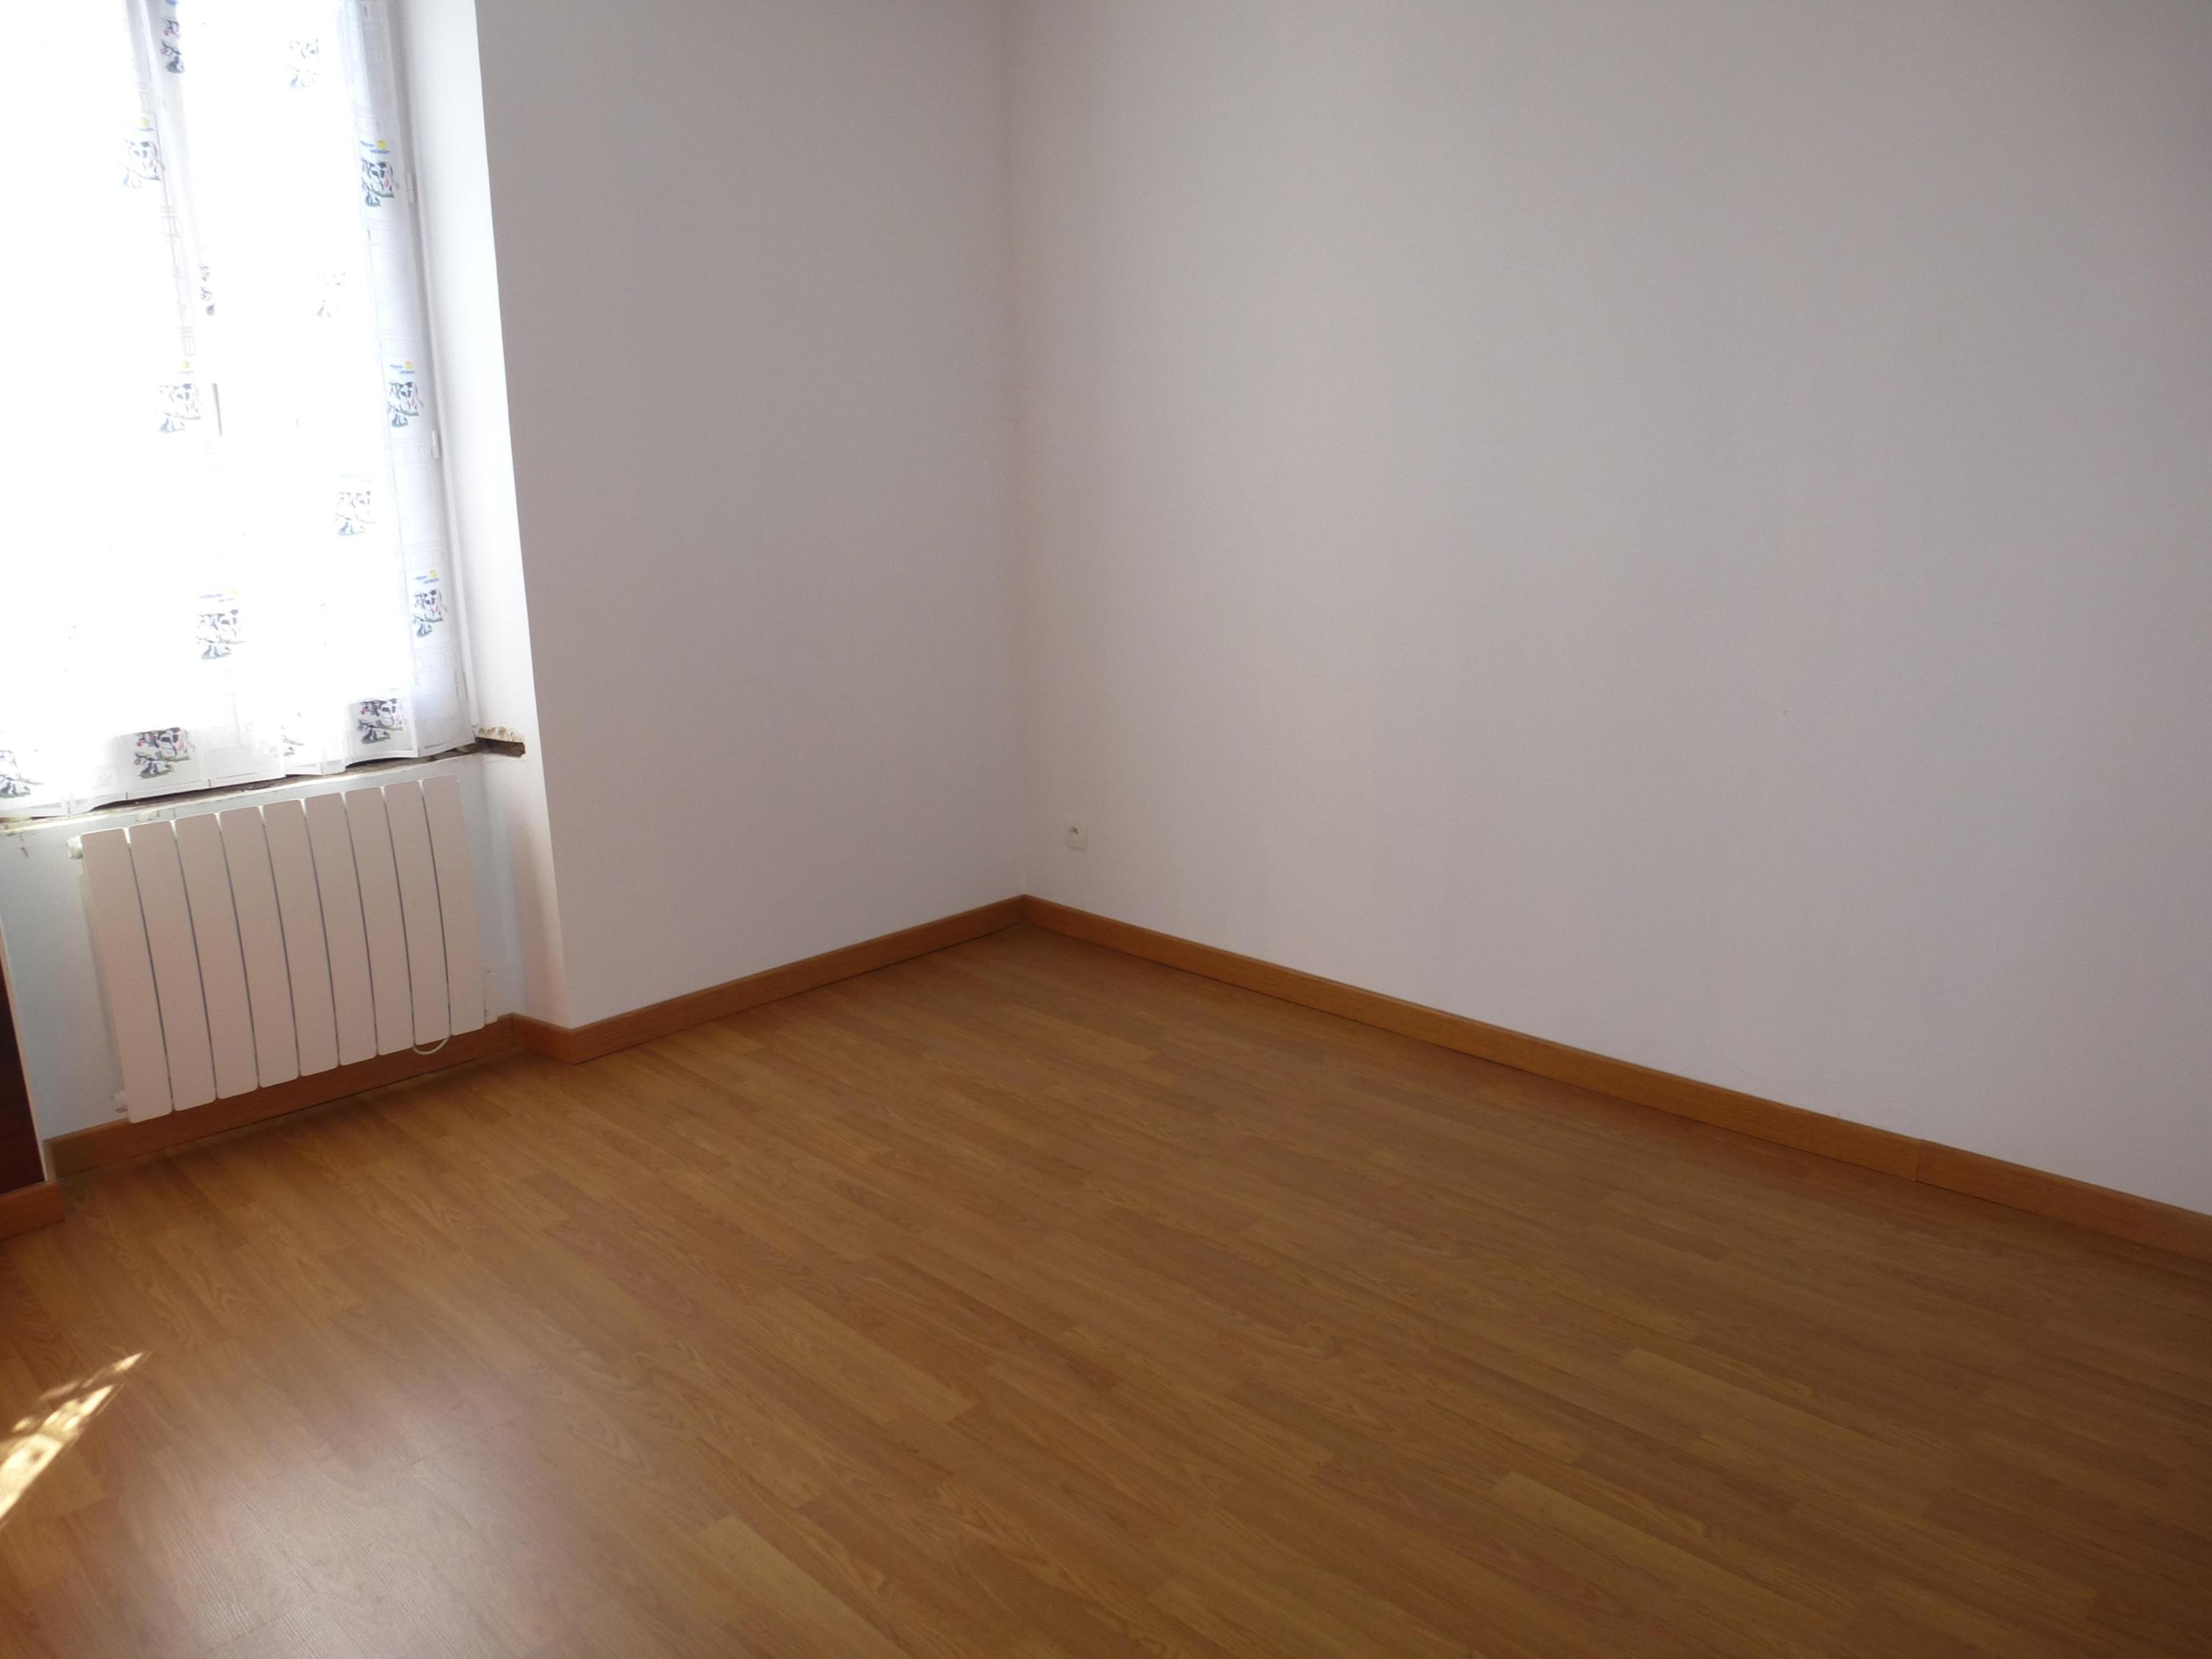 Appartement type F3 au premier étage d'un immeuble avec terrain de 200 m2.